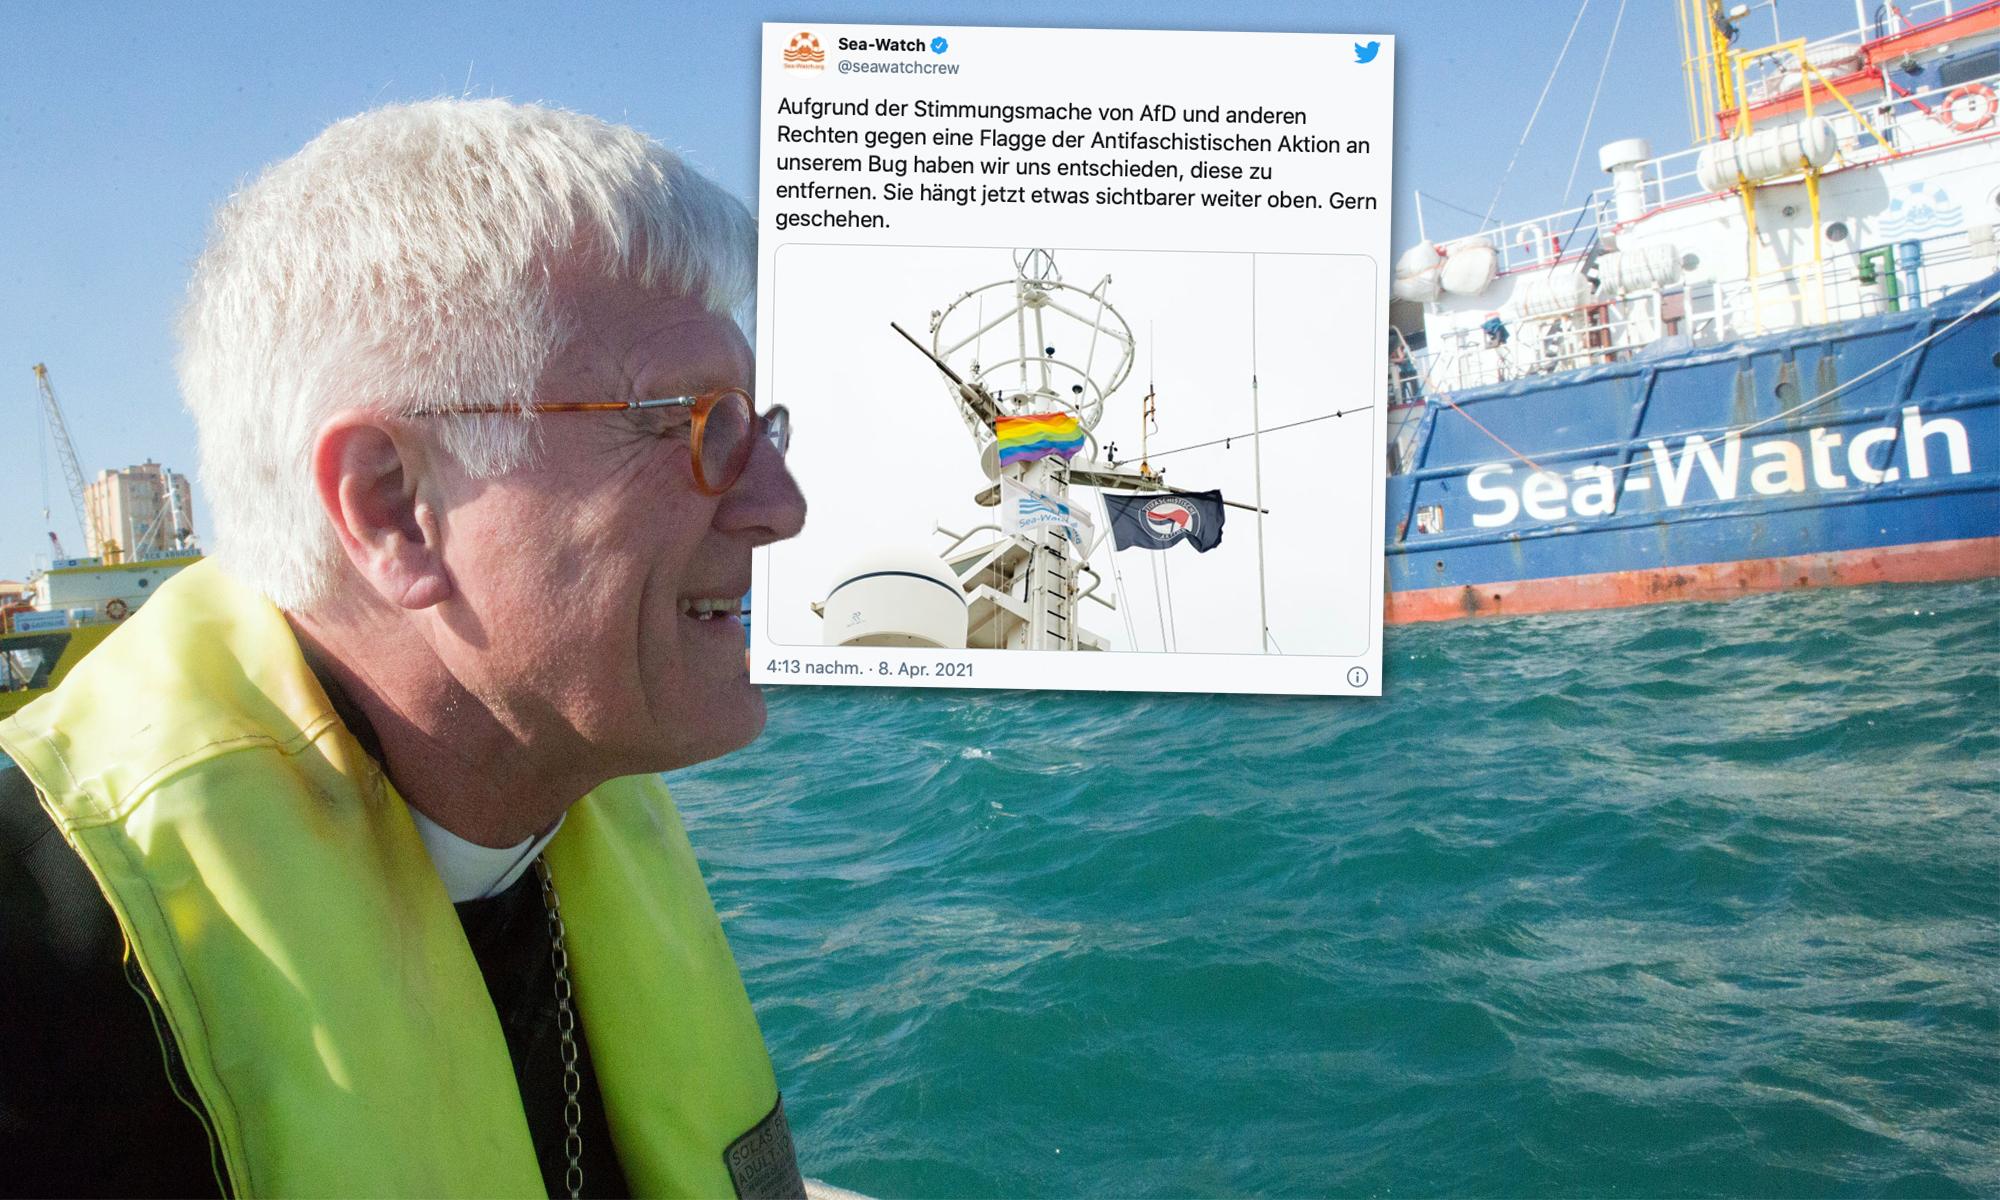 EKD-Chef rät Sea-Watch, Antifa-Flagge einzuholen